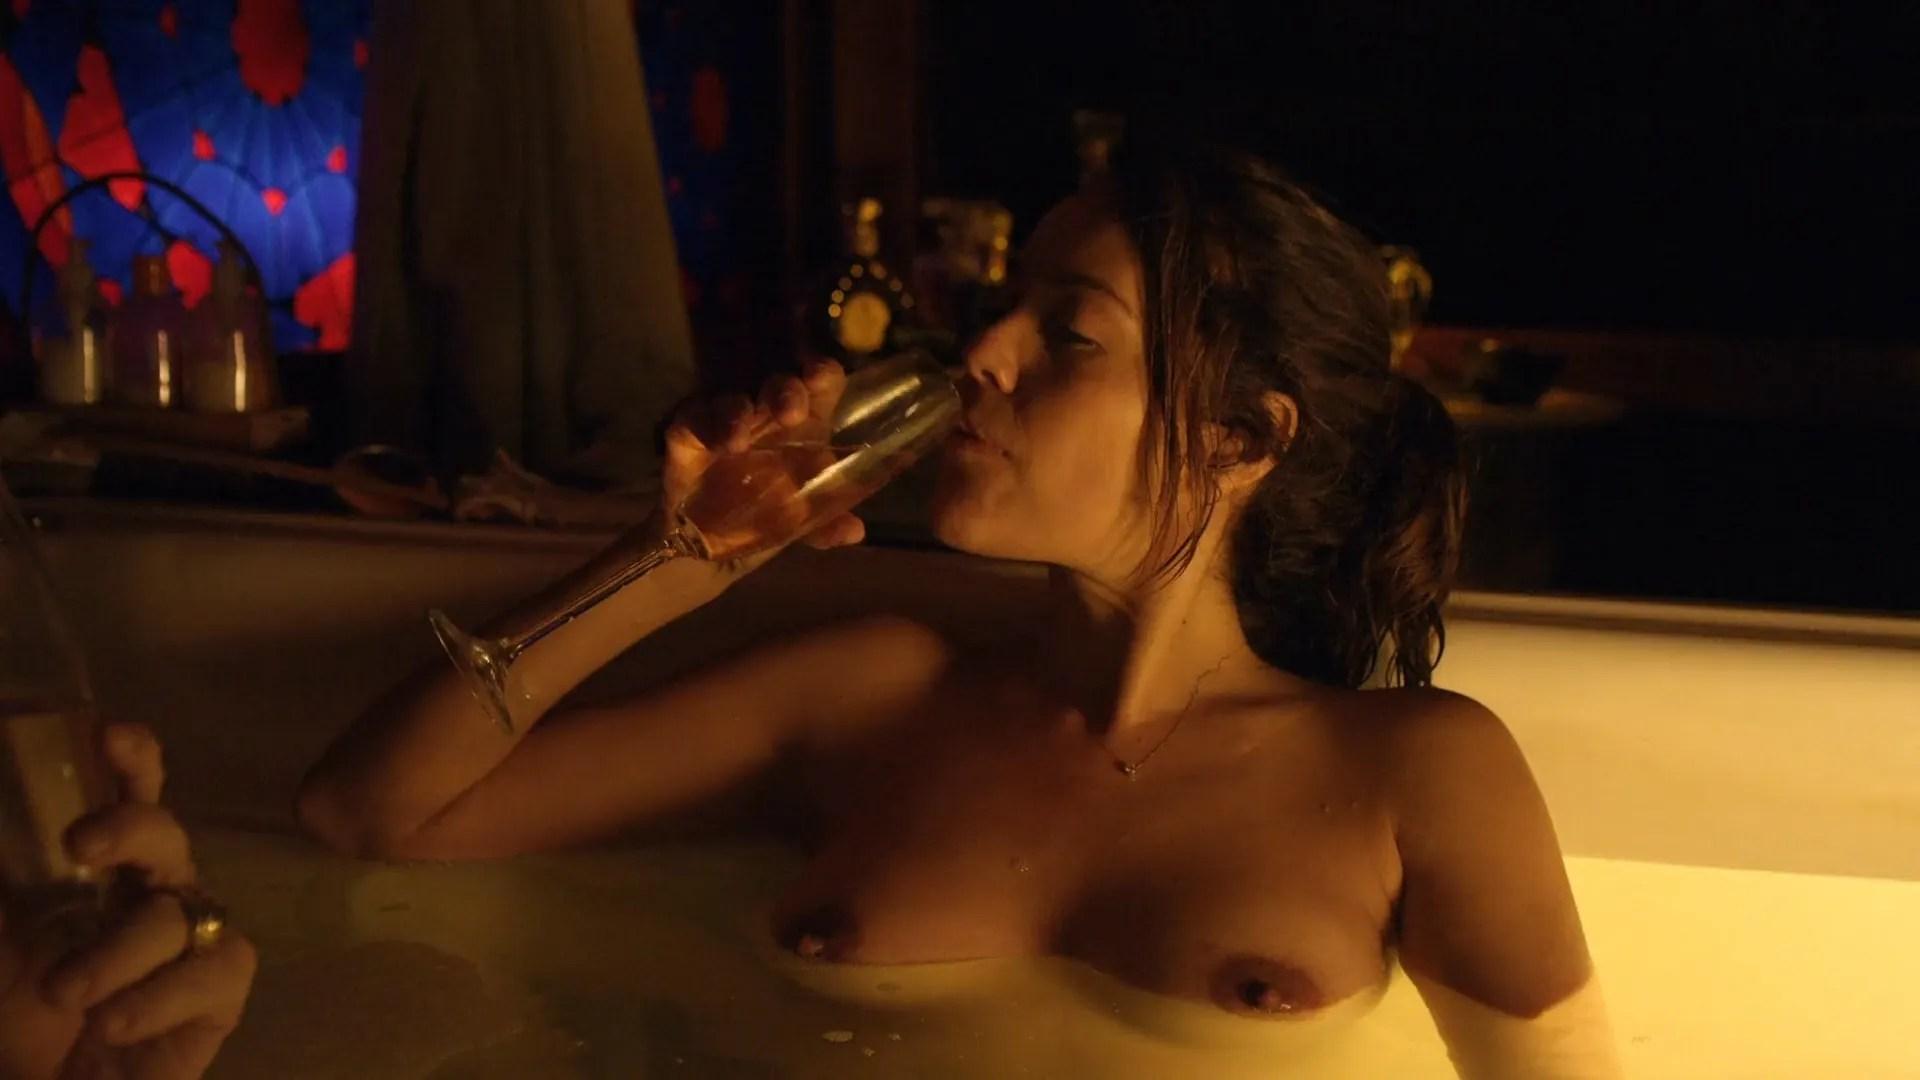 Alexandra Doyle Porn paulina gaitan nude sex and cristina umana nude – narcos